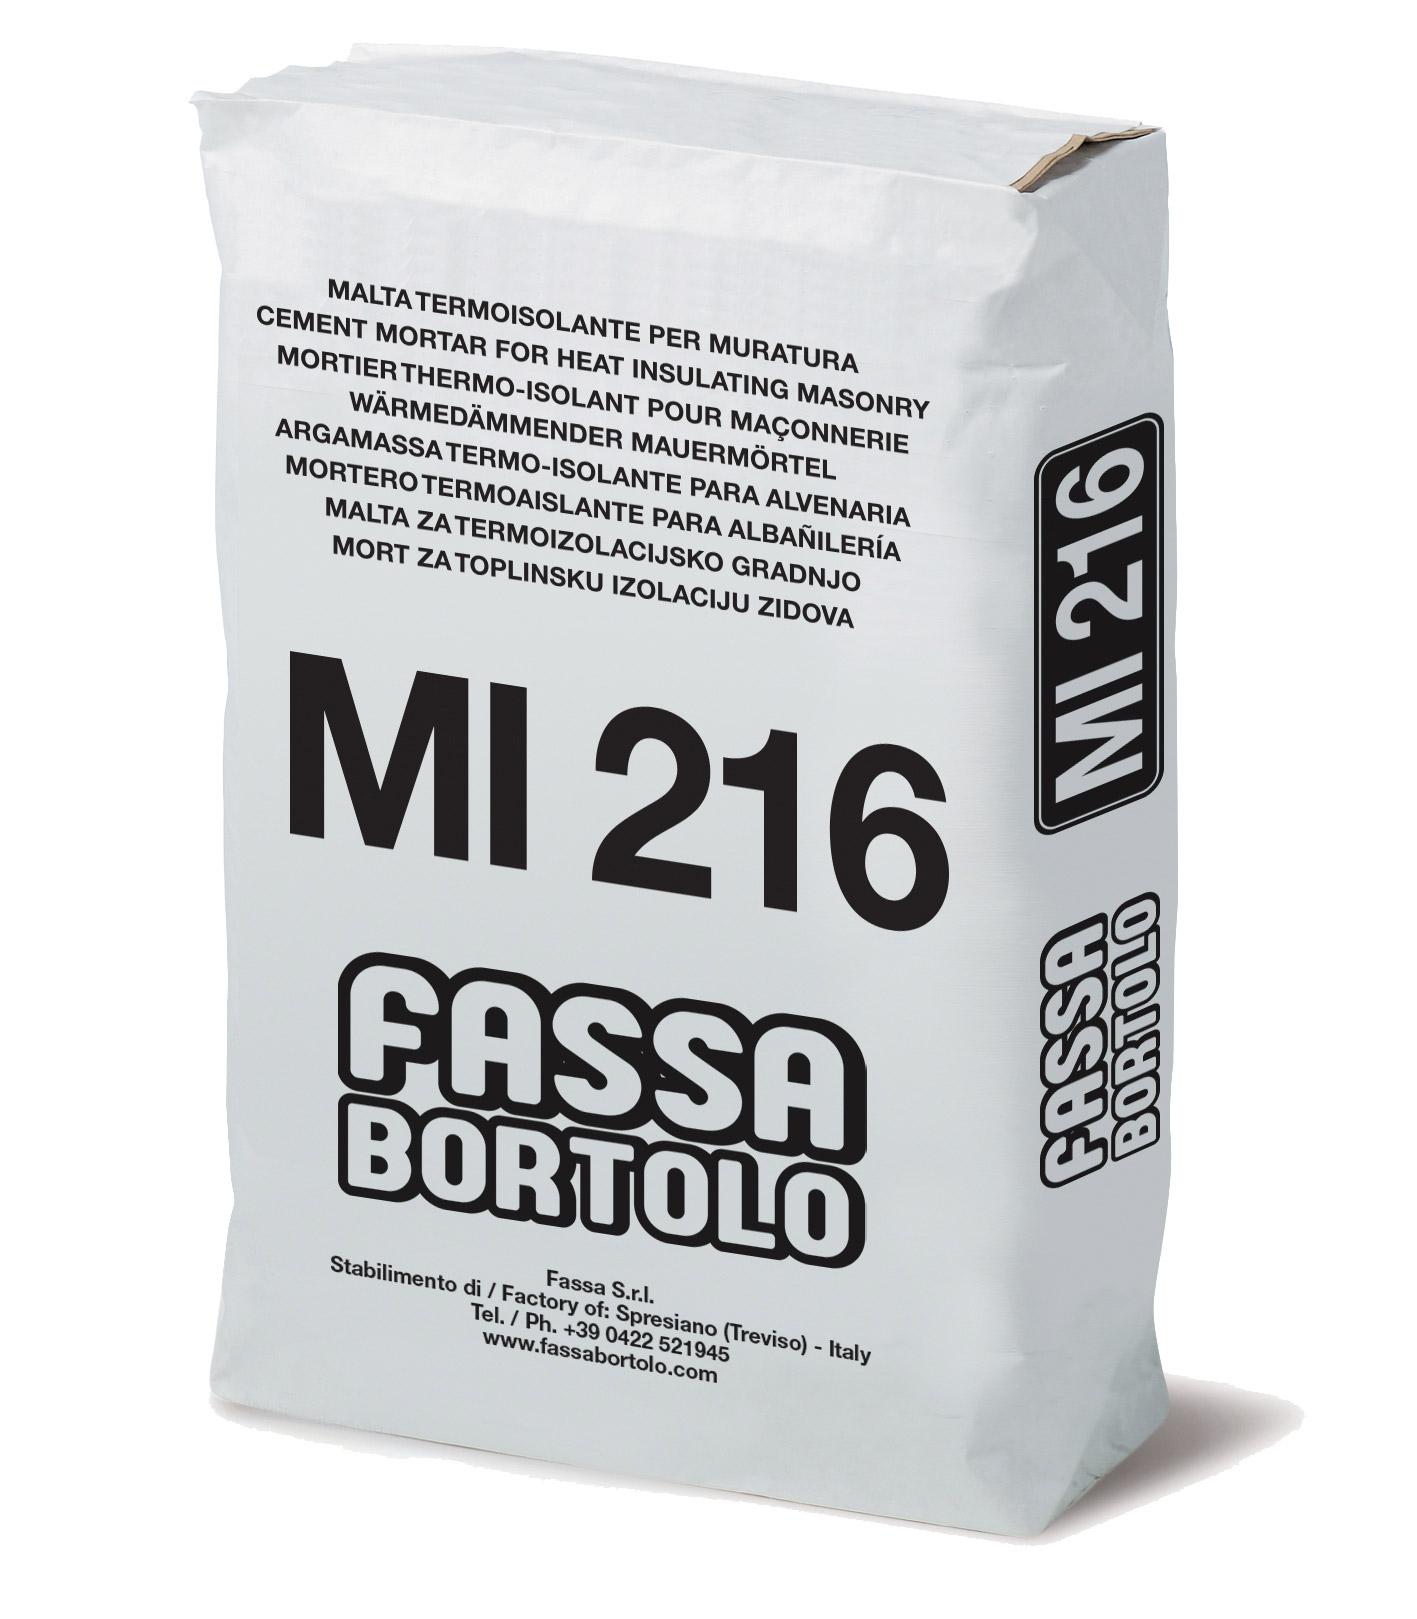 MI 216: Malta cementizia per muratura termoisolante